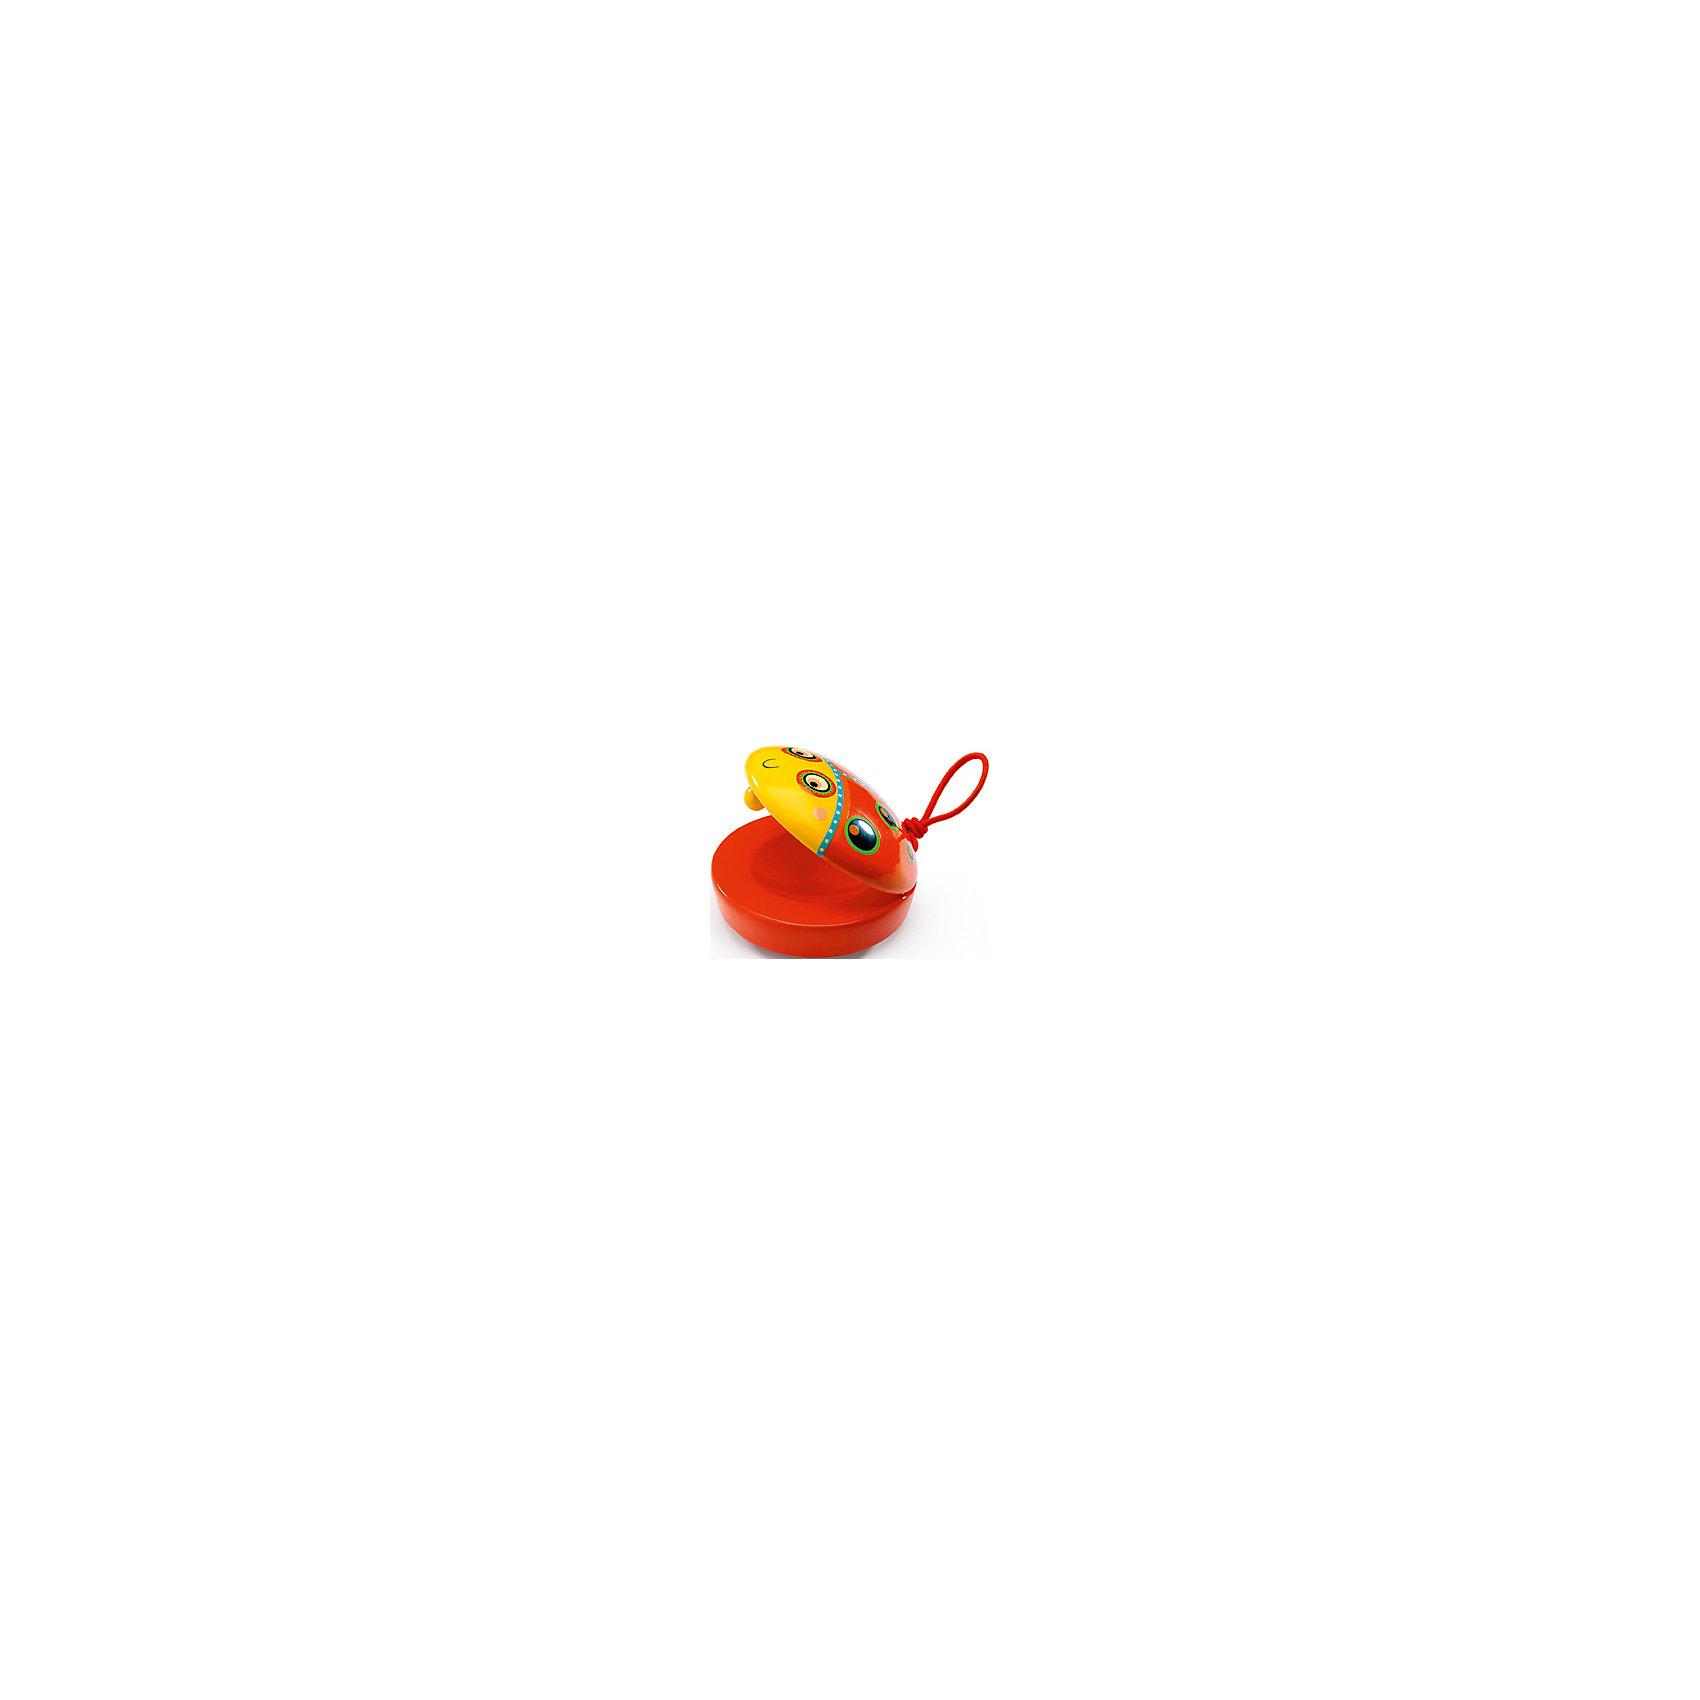 Кастаньет, DJECOКрасочный и симпатичный кастаньет в виде рыбки из новой коллекции музыкальных инструментов Djeco станет прекрасным дополнением к музыкальной коллекции вашего малыша и отличным подарком для юных меломанов. <br><br>Яркая рыбка-кастаньет легко помещается в маленькой детской ручке и издает приятный хлопающий звук. <br><br>Кастаньет сделан из высококачественного дерева, покрыт безопасными нетоксичными красками. <br>Продается в яркой подарочной упаковке.<br><br>Ширина мм: 60<br>Глубина мм: 60<br>Высота мм: 30<br>Вес г: 70<br>Возраст от месяцев: 36<br>Возраст до месяцев: 1188<br>Пол: Унисекс<br>Возраст: Детский<br>SKU: 4761454